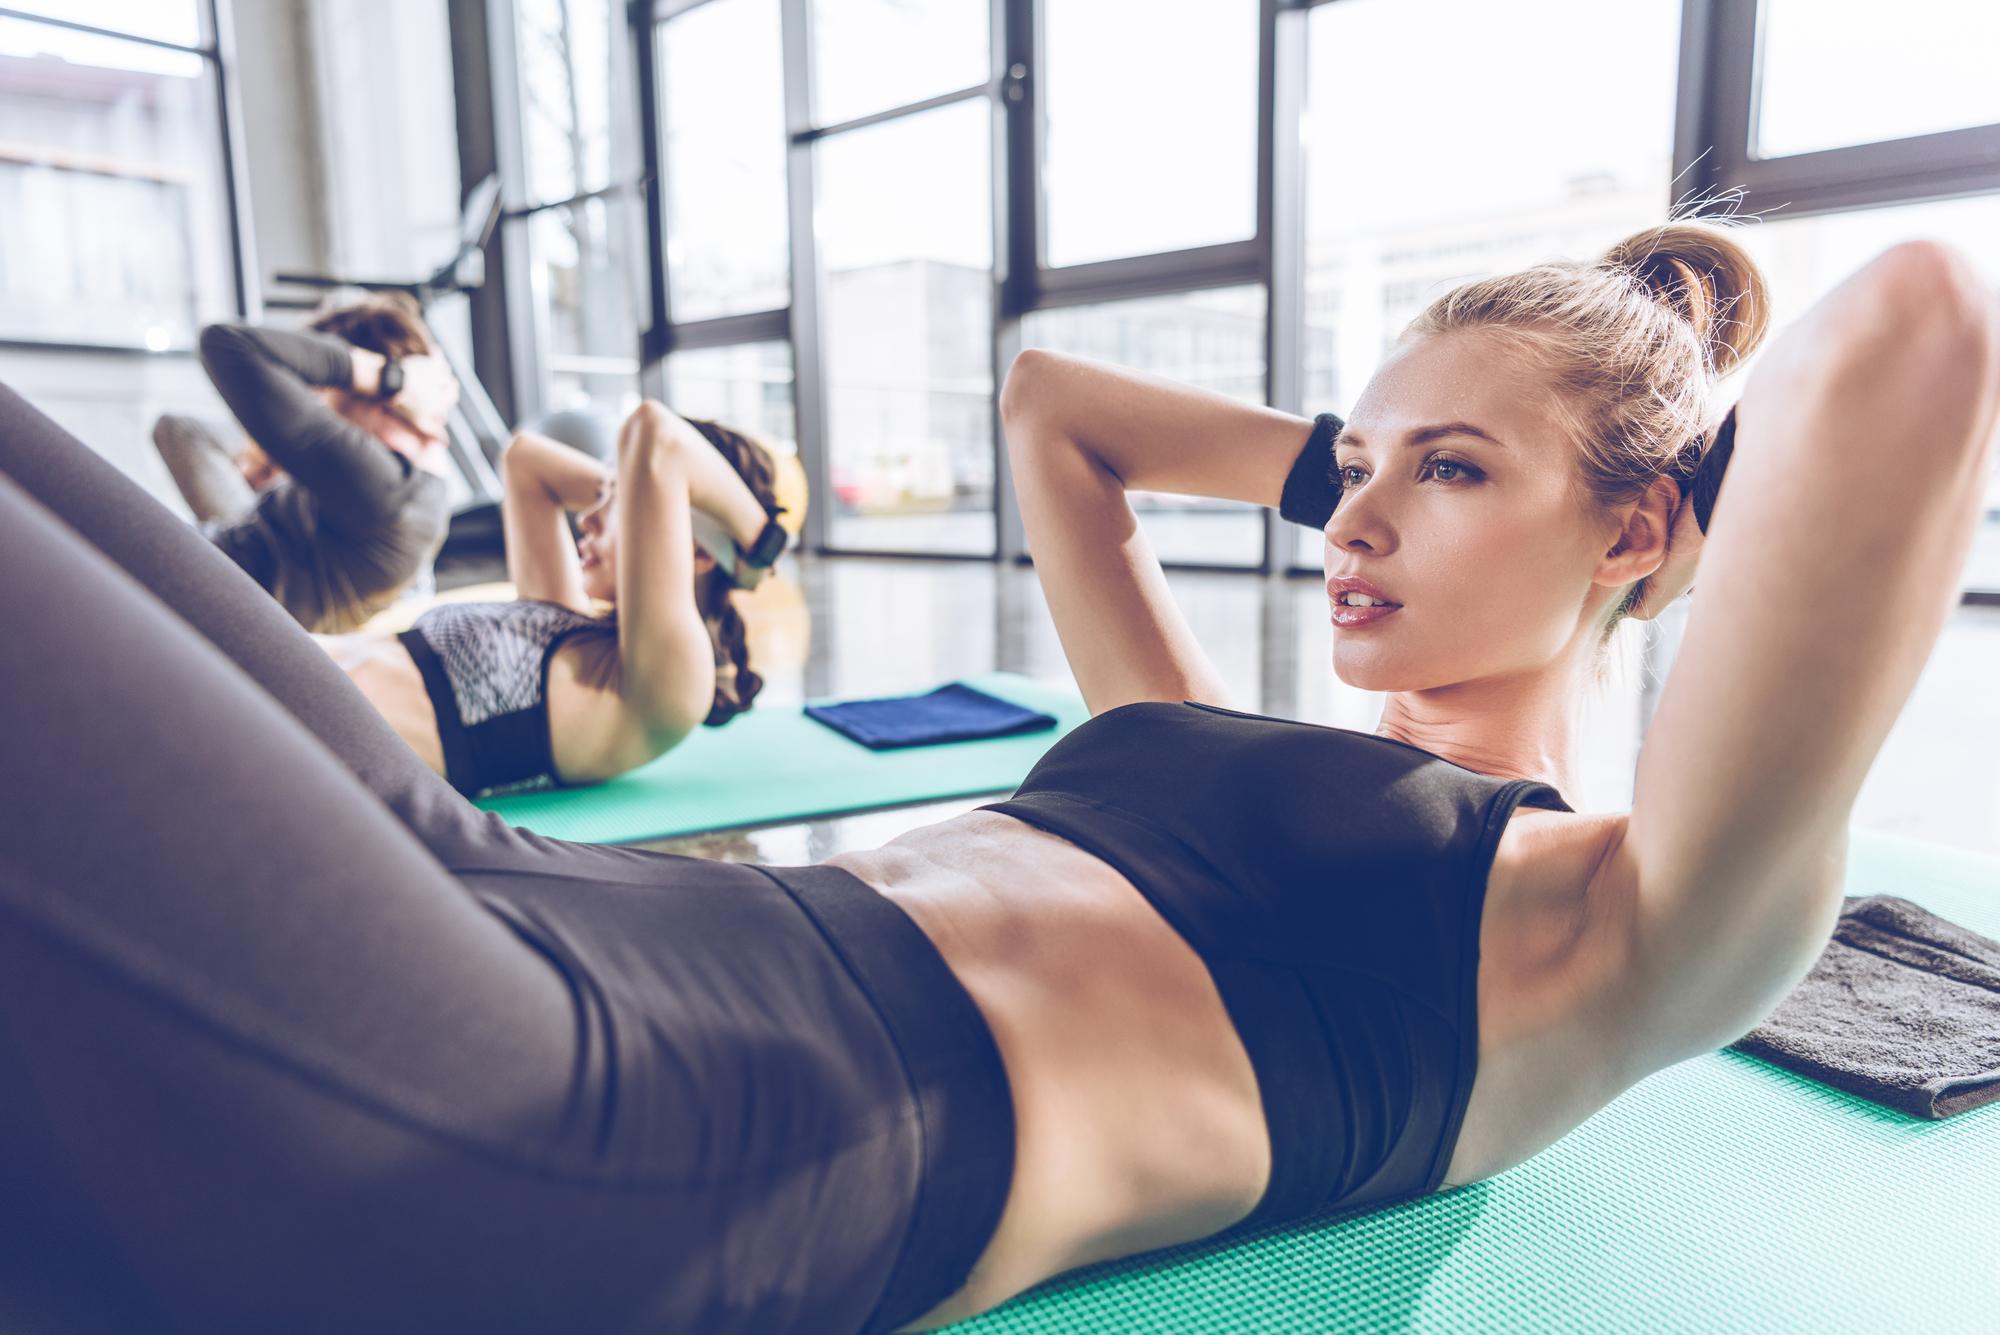 ТОП-5 глупых вопросов фитнес-тренеру